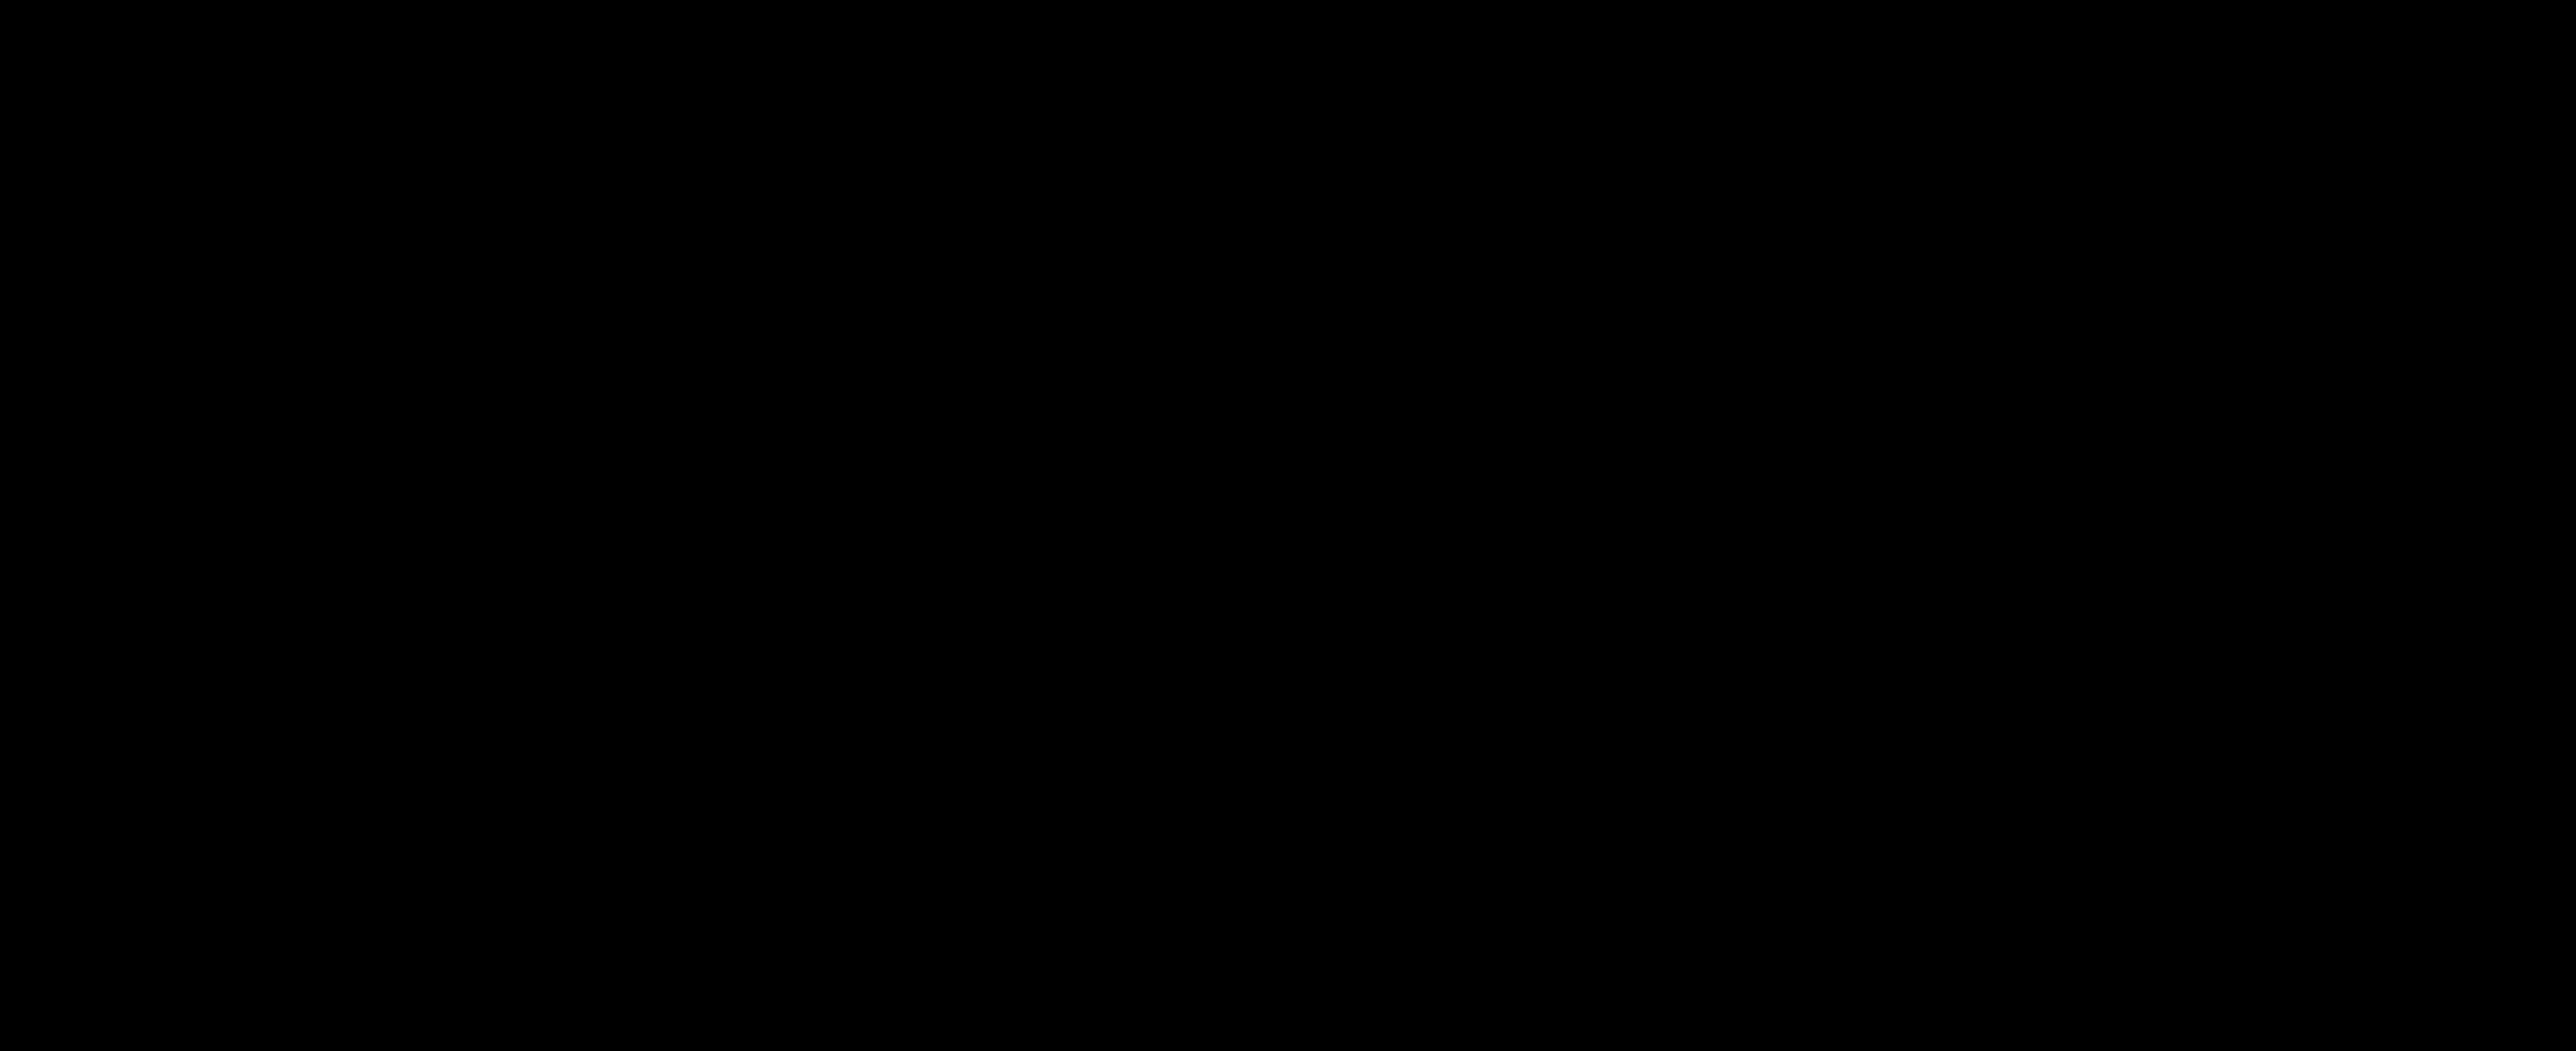 Phối cảnh campus USTH rộng 65 ha ở Khu CNC Hòa Lạc sẽ được hoàn thành trong vài năm tới. Ảnh: USTH